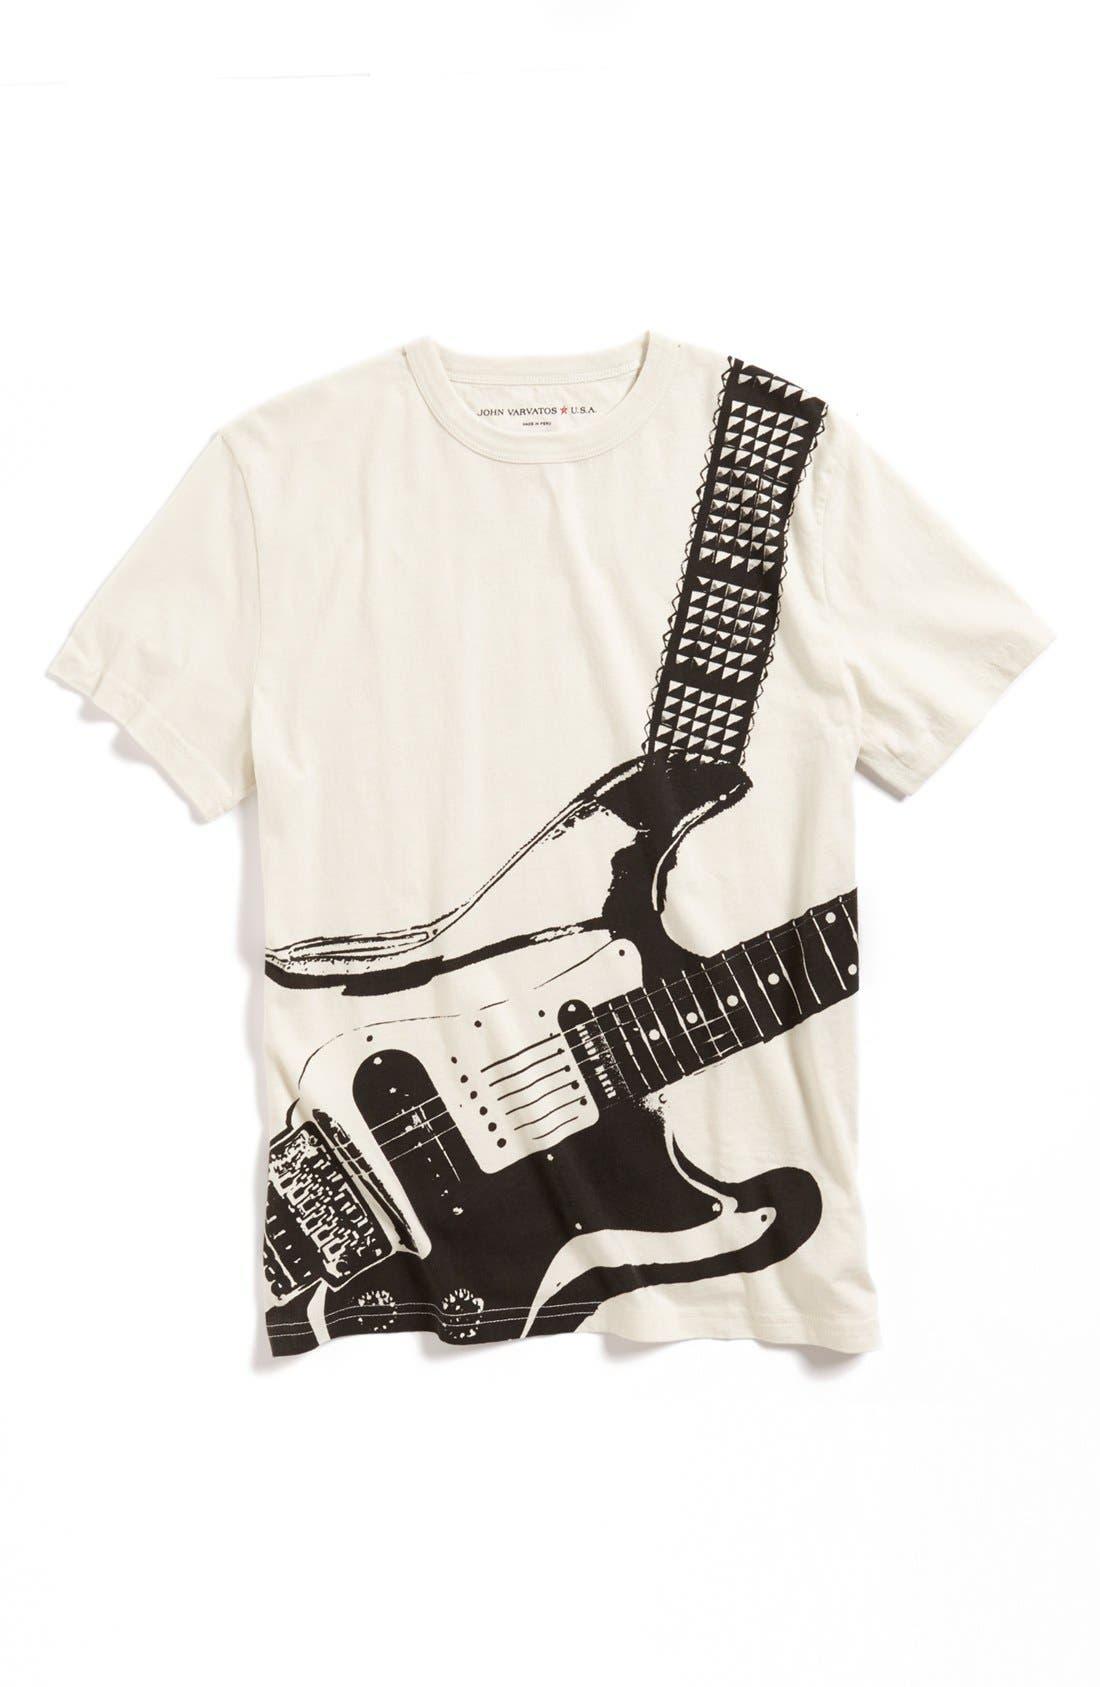 Alternate Image 1 Selected - John Varvatos Star USA 'Guitar' T-Shirt (Boys)